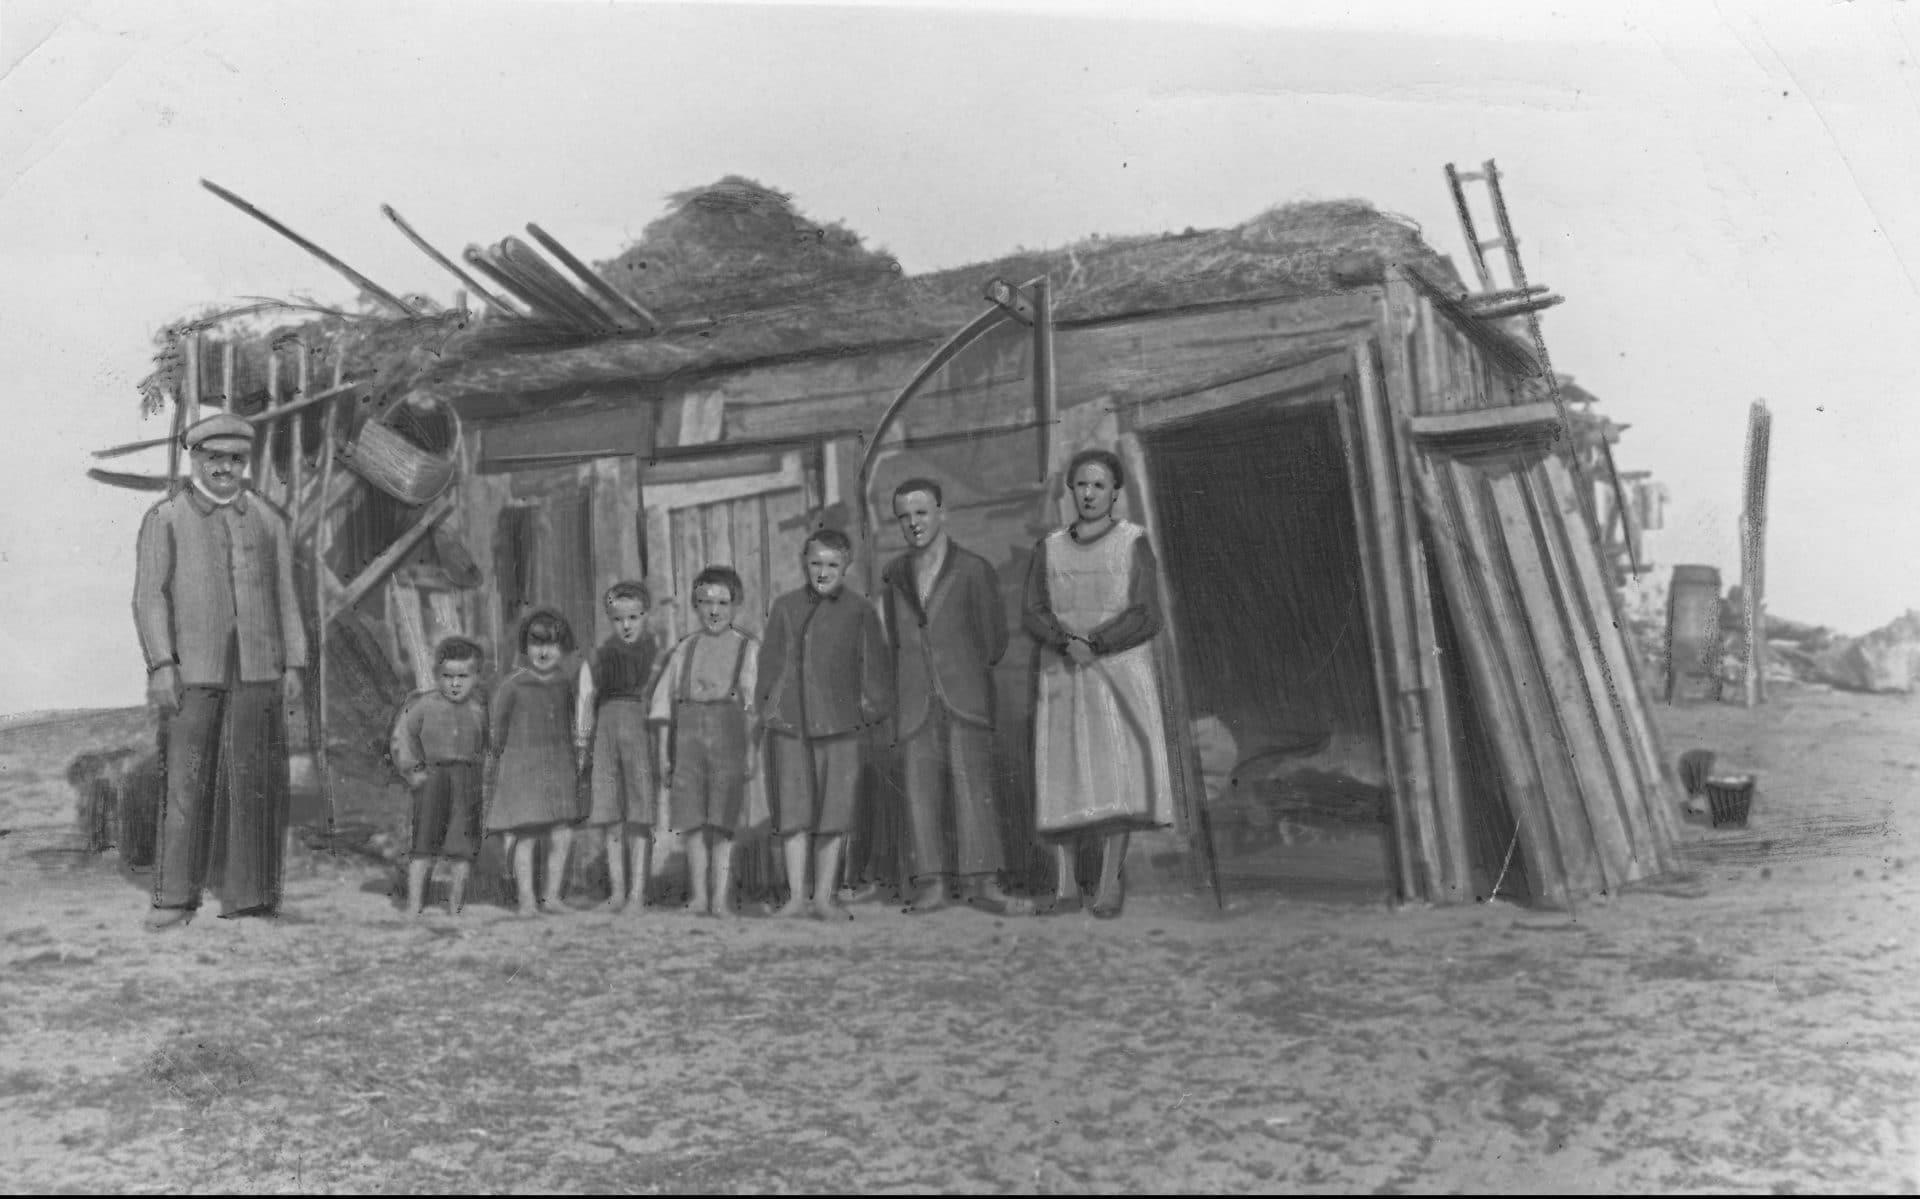 Członkowie rodziny Żeberkiewiczów przed swoim prowizorycznym mieszkaniem. 1935 rok. Źródło: Narodowe Archiwum Cyfrowe.